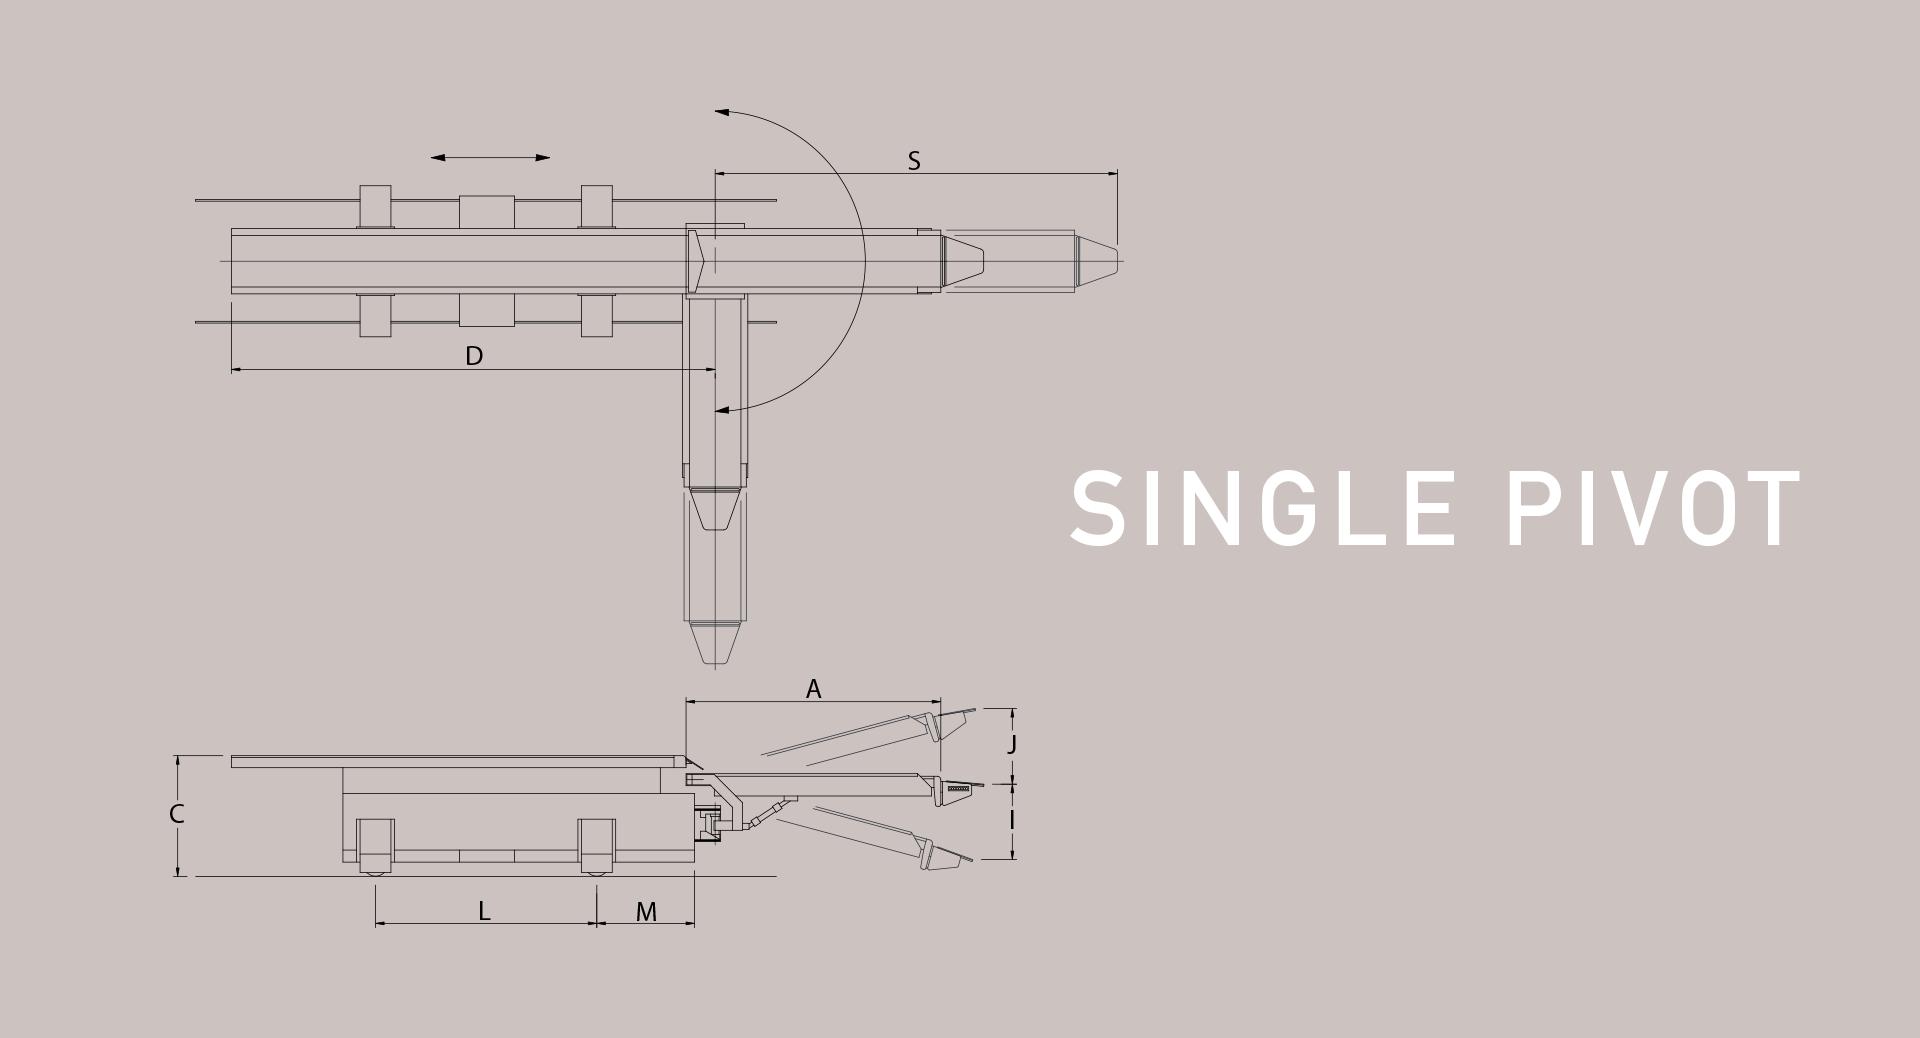 railcar single pivot diagram